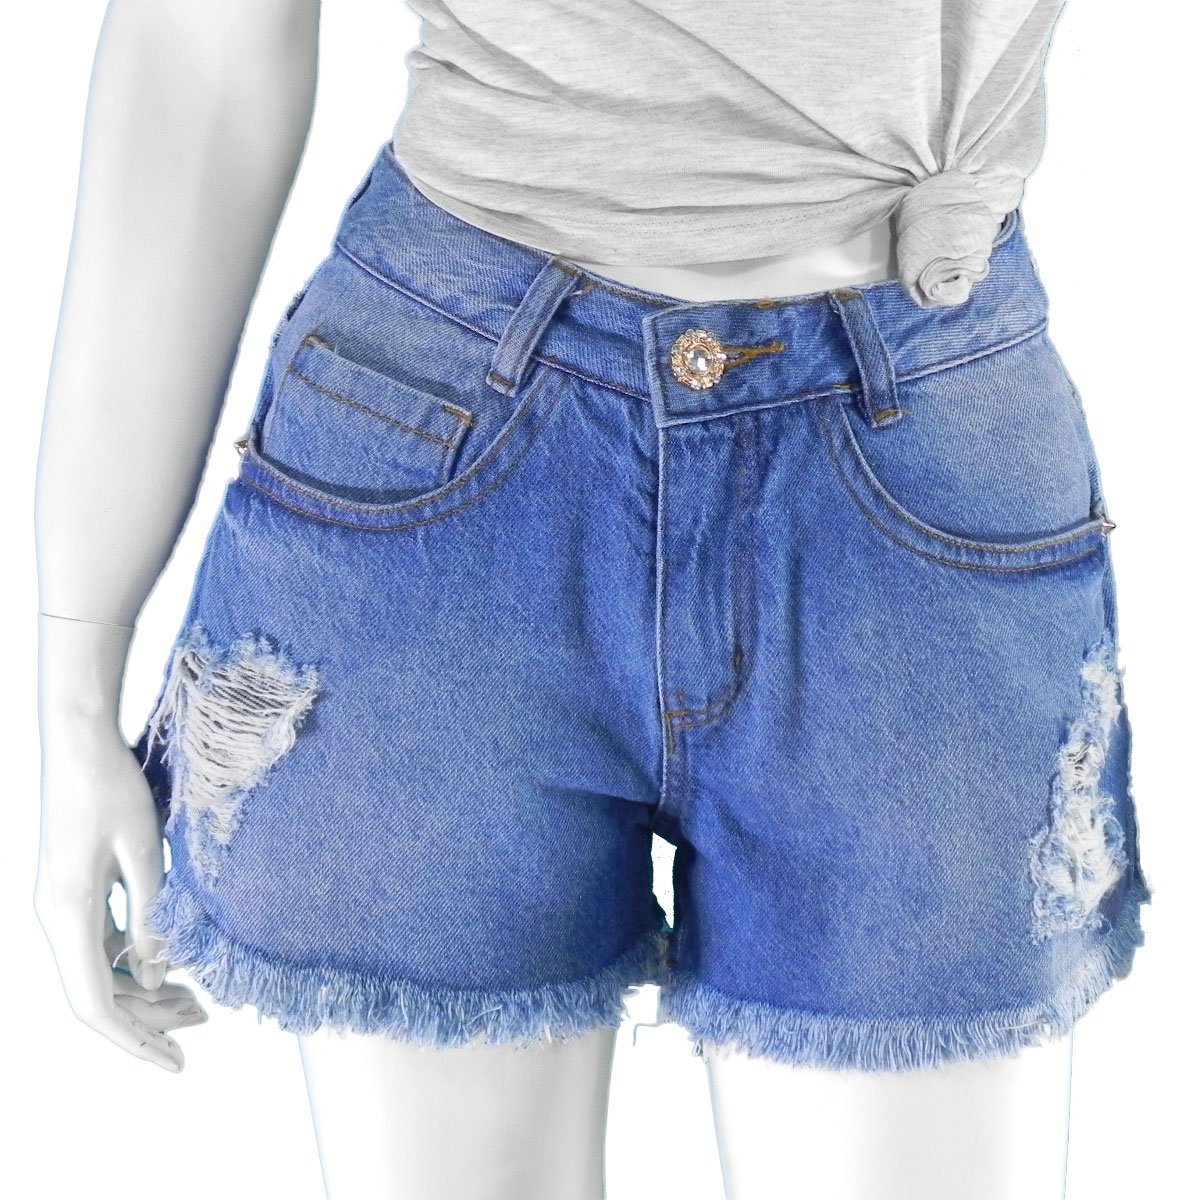 Shorts Jeans Cintura Alta Feminino Desfiado Lançamento Conexão